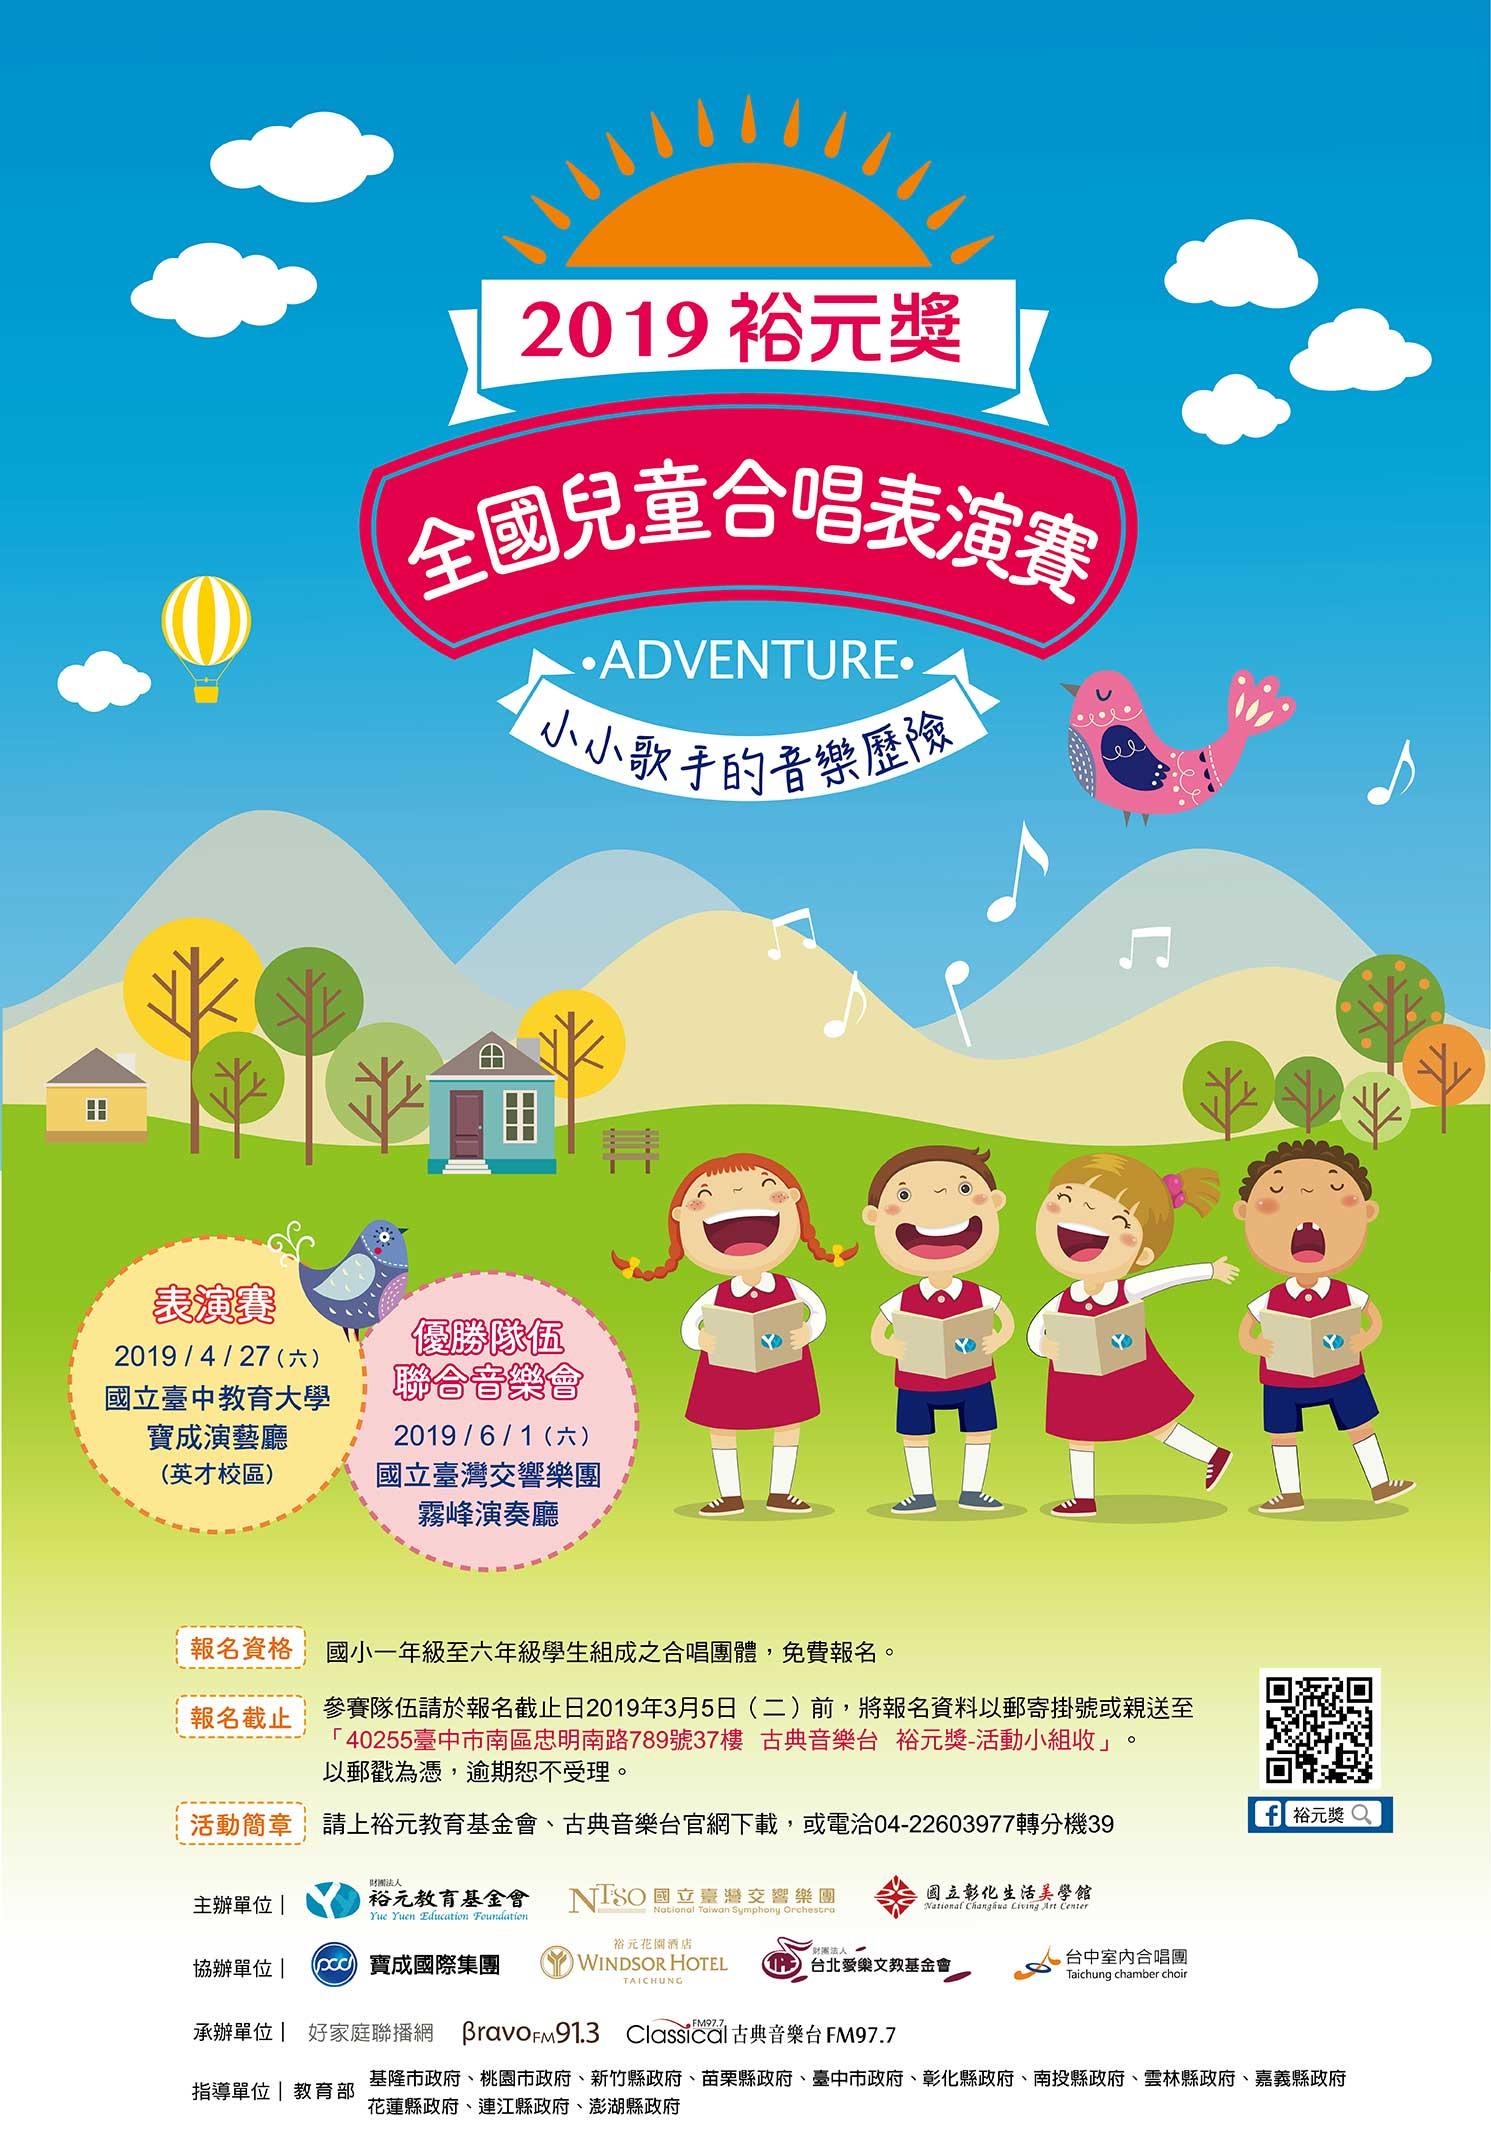 2019-yueyuen-poster